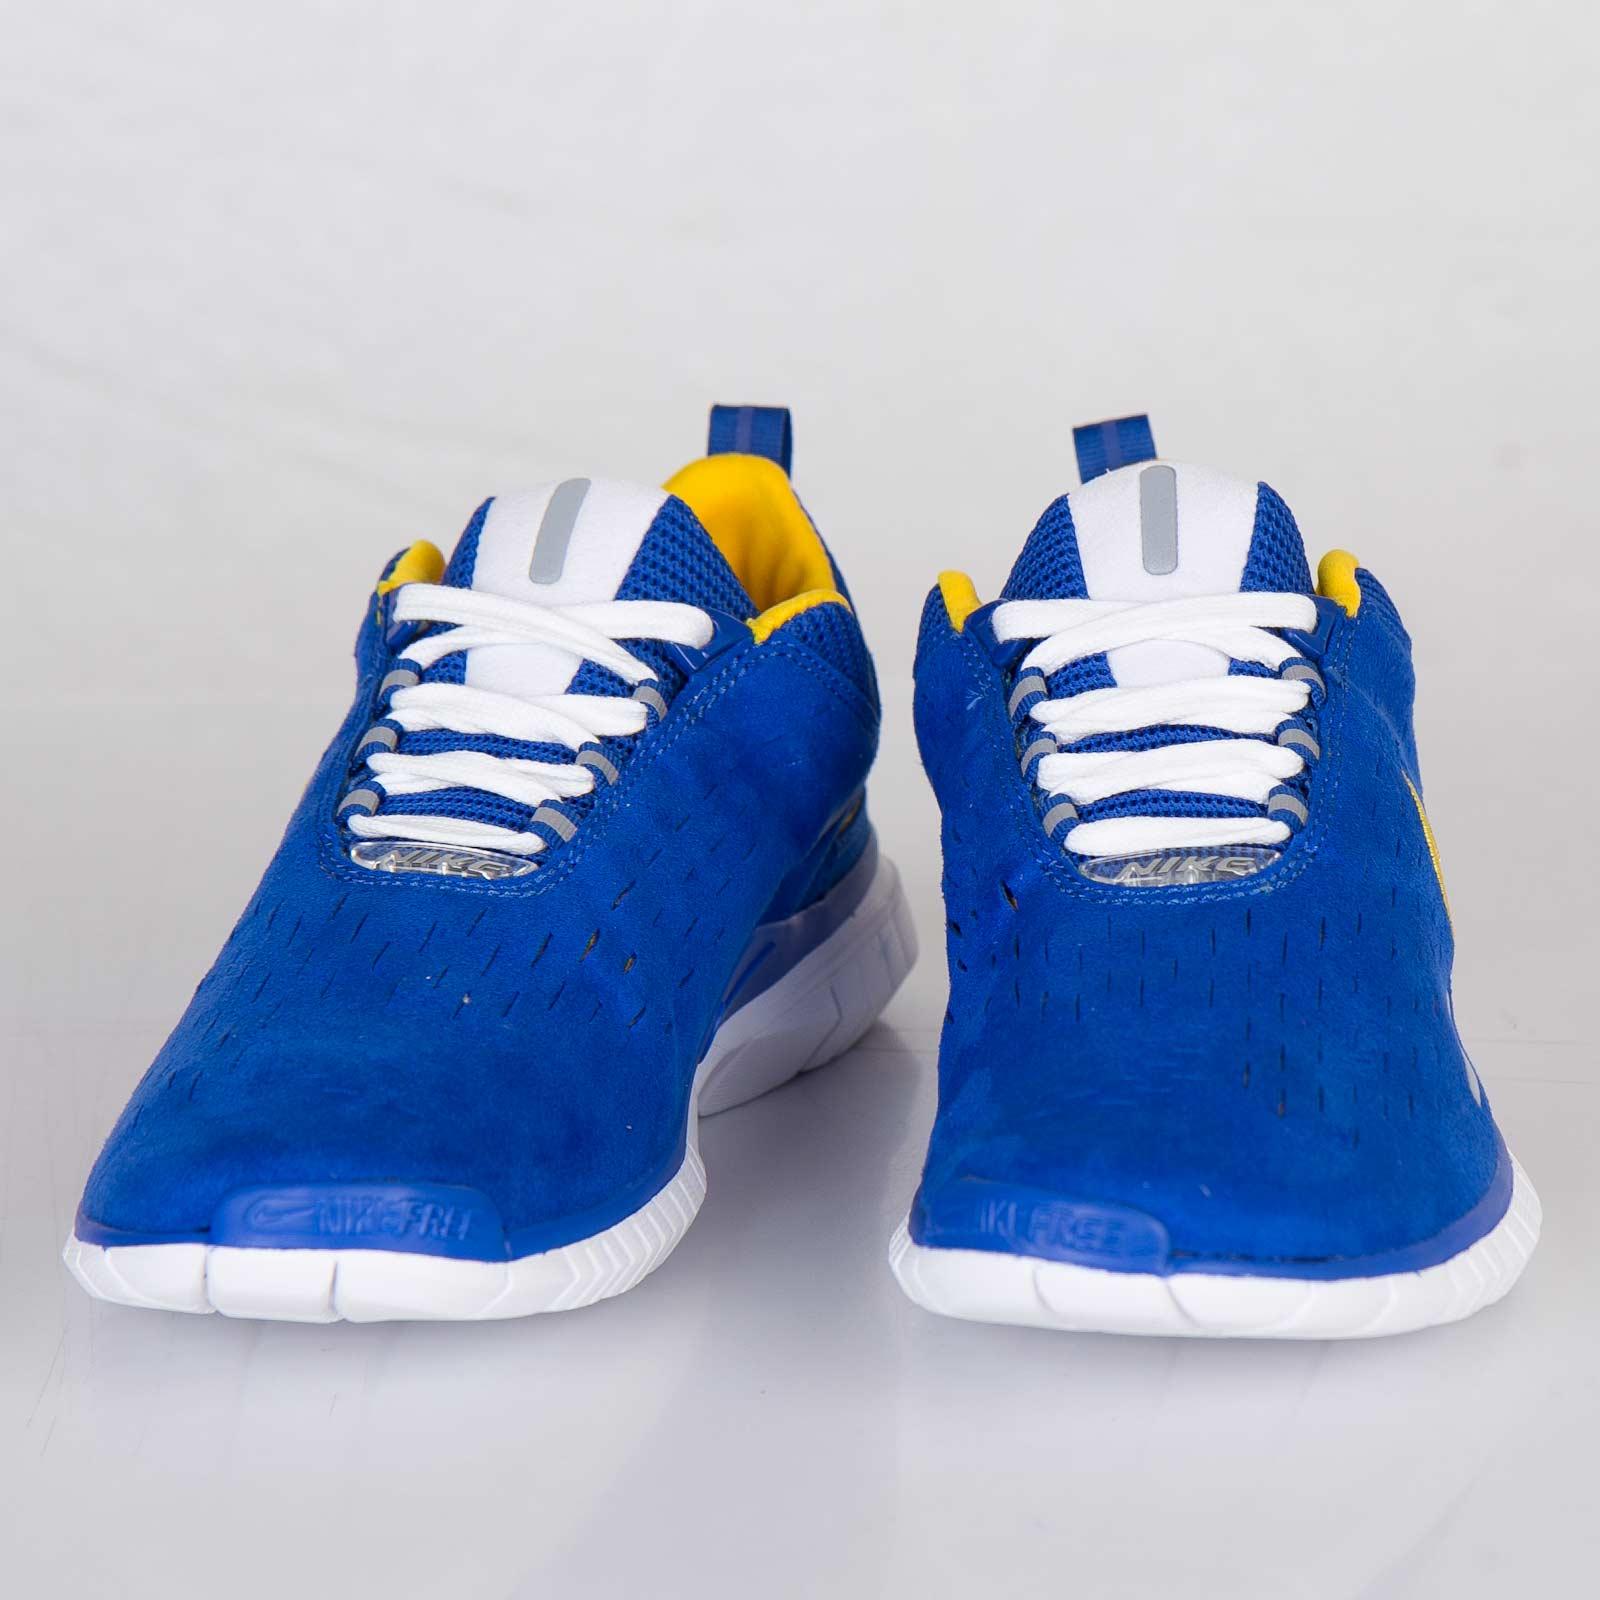 8d2158b66e97 Nike Free OG 14 - 642402-407 - Sneakersnstuff